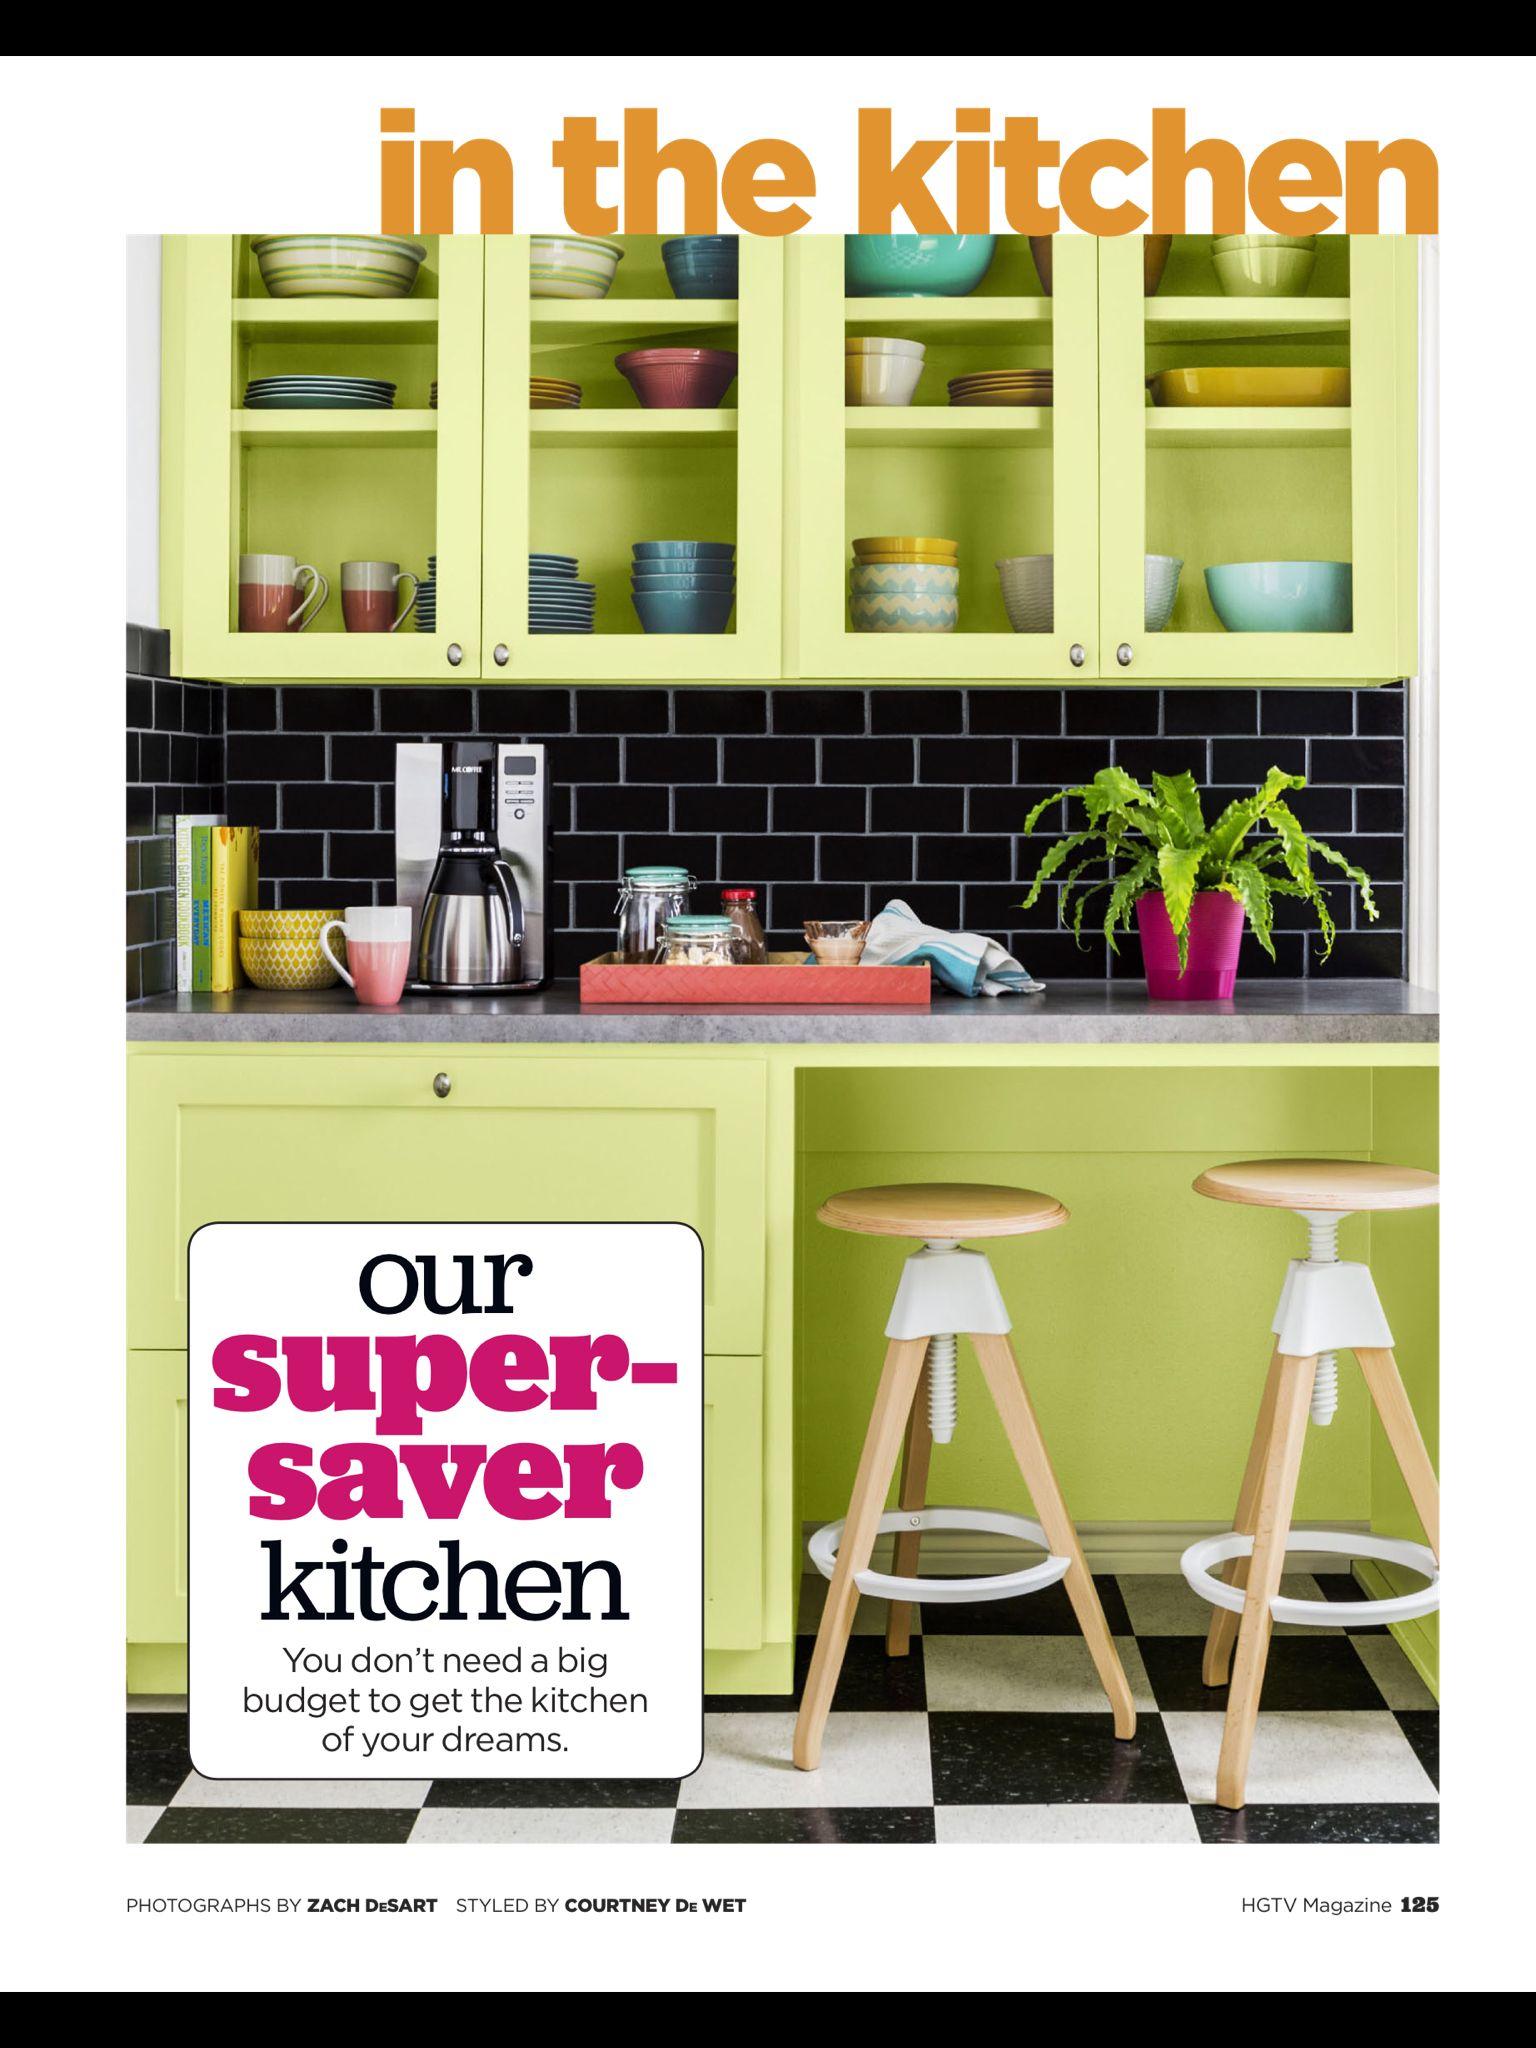 Our super saver kitchen from hgtv magazine june 2017 - Best kitchen design app ...